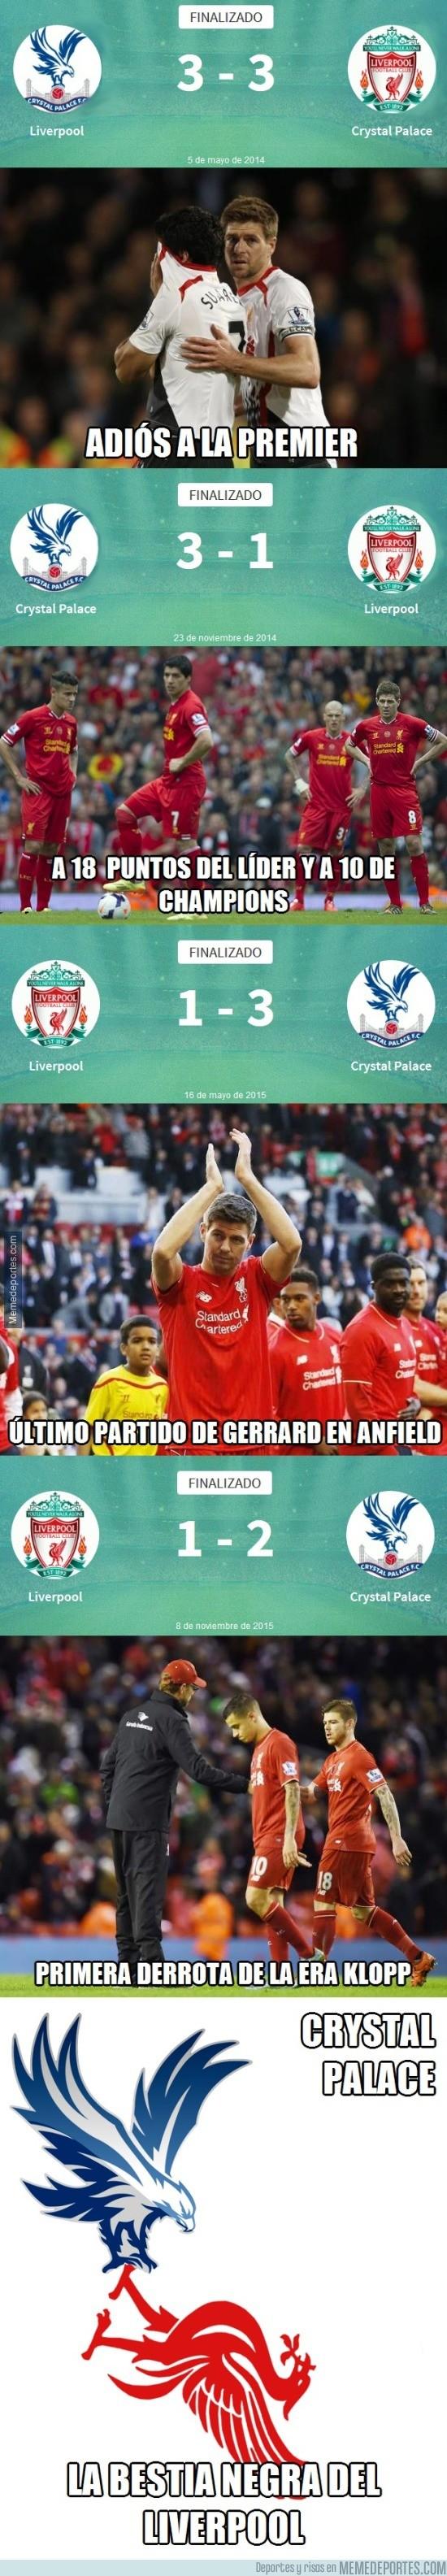 730863 - Lo del Liverpool con el Crystal Palace empieza a ser gafe